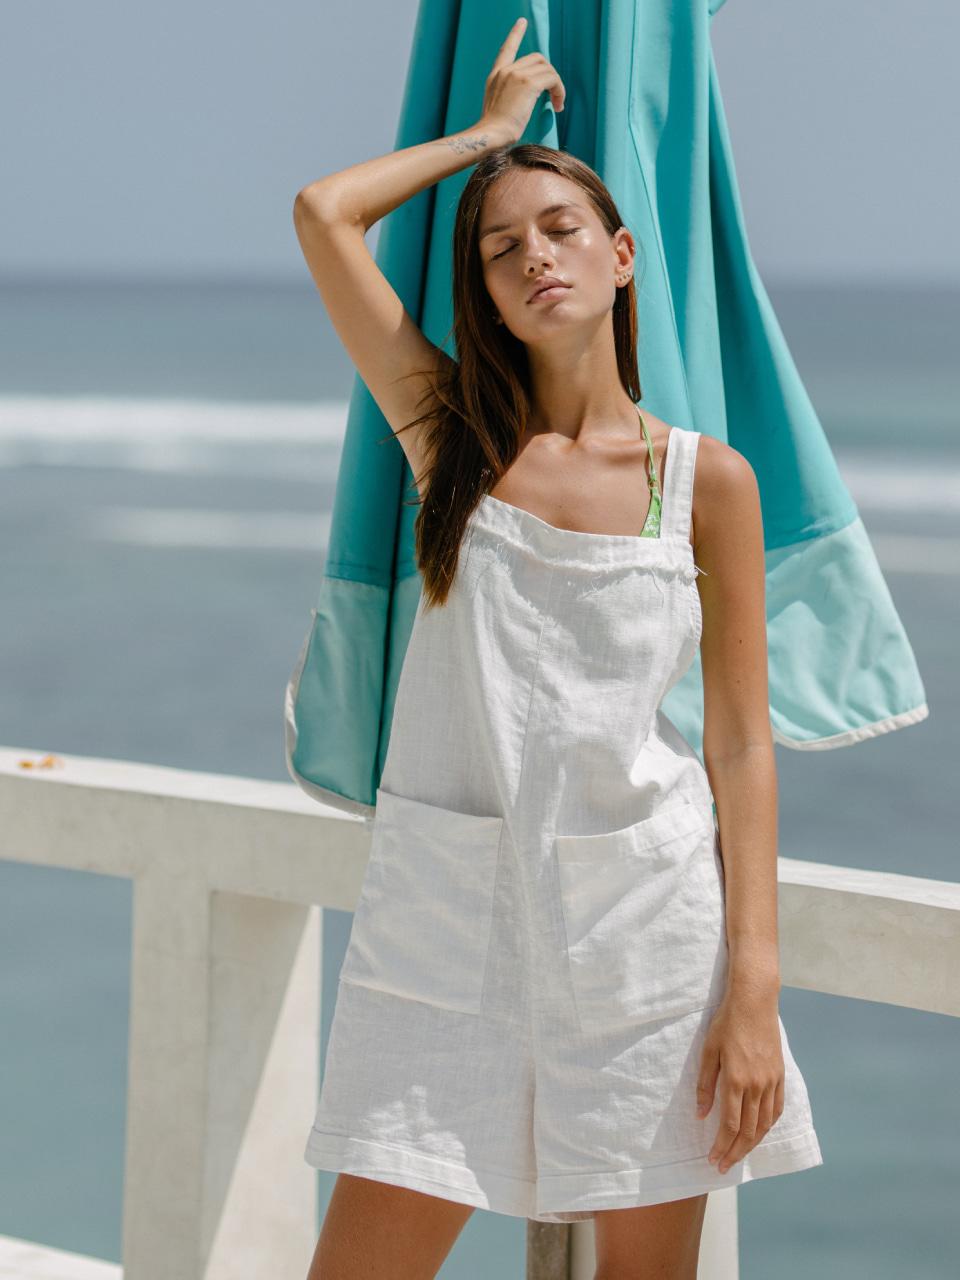 ANGELICA OVERALL SHORTSswimwear,수영복,비키니,데이즈데이즈,dazedayz,디자이너수영복,스윔웨어